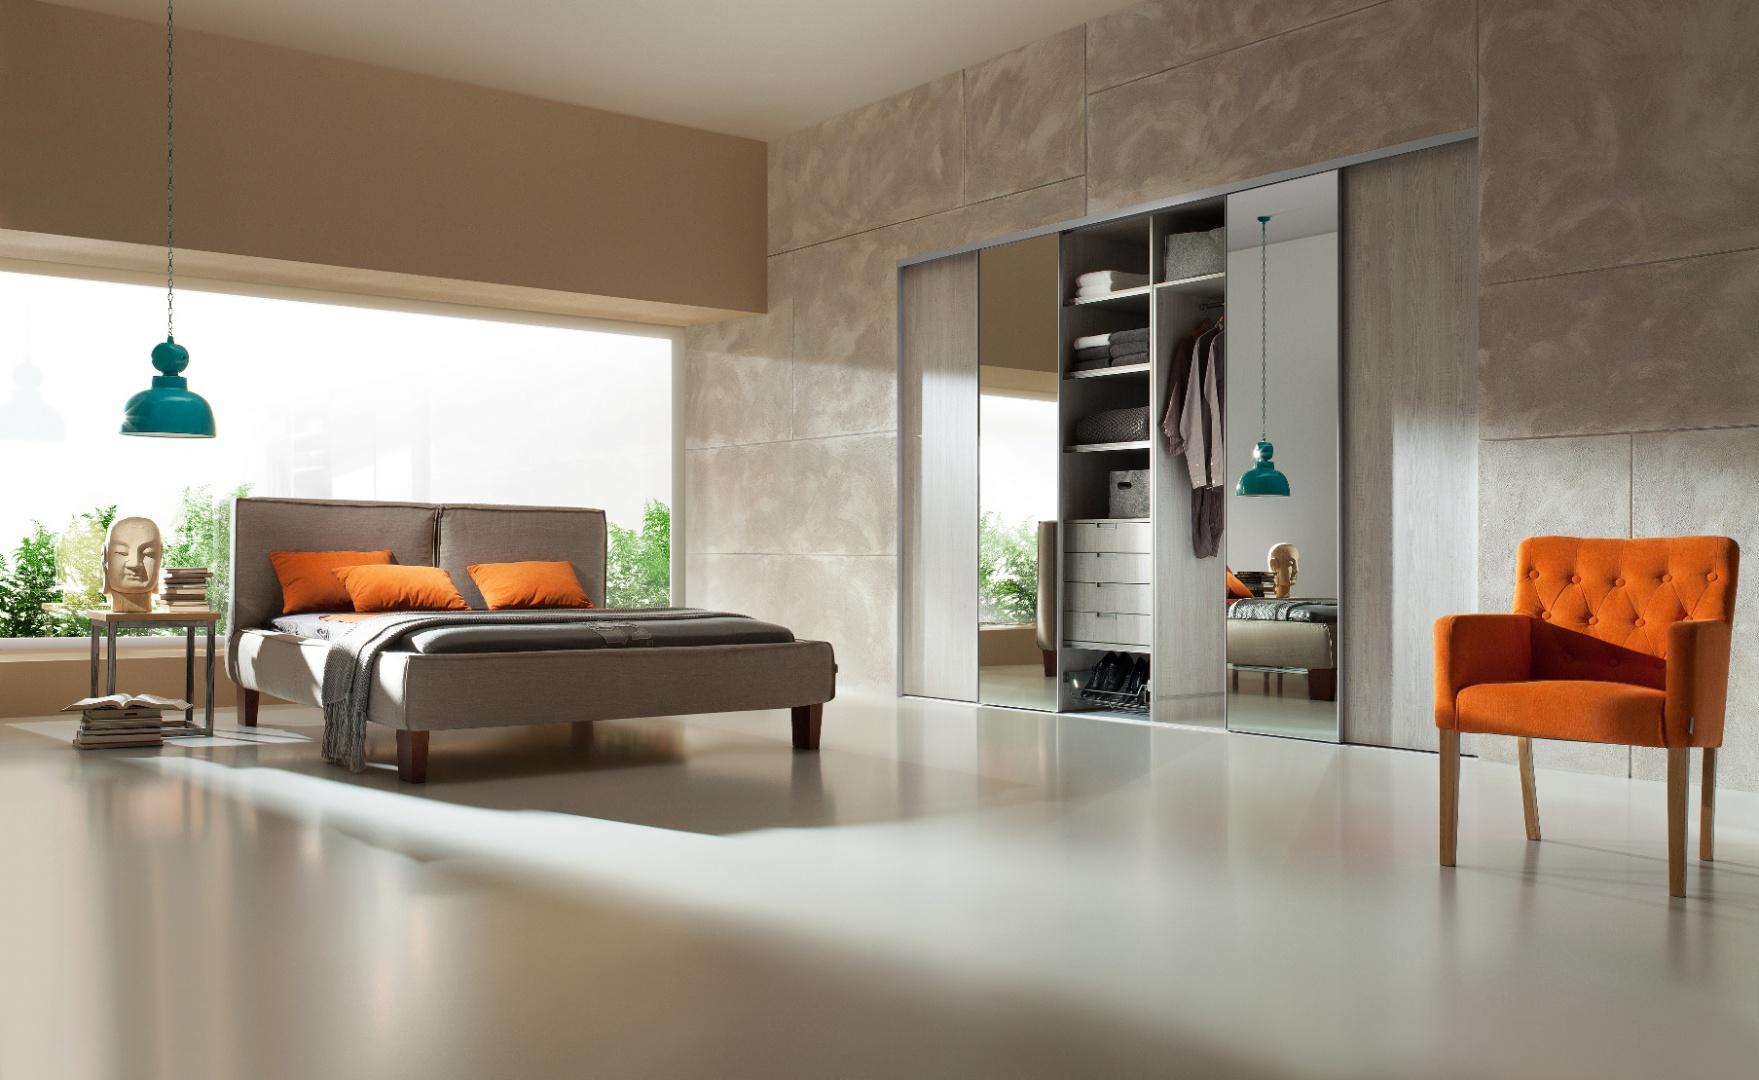 Aranżując mieszkanie warto ograniczyć się jedynie do niezbędnych elementów tj. sofa, stolik, szafa, telewizor w przypadku salonu lub łóżka, stolika nocnego i garderoby w sypialni.  Fot. Komandor.